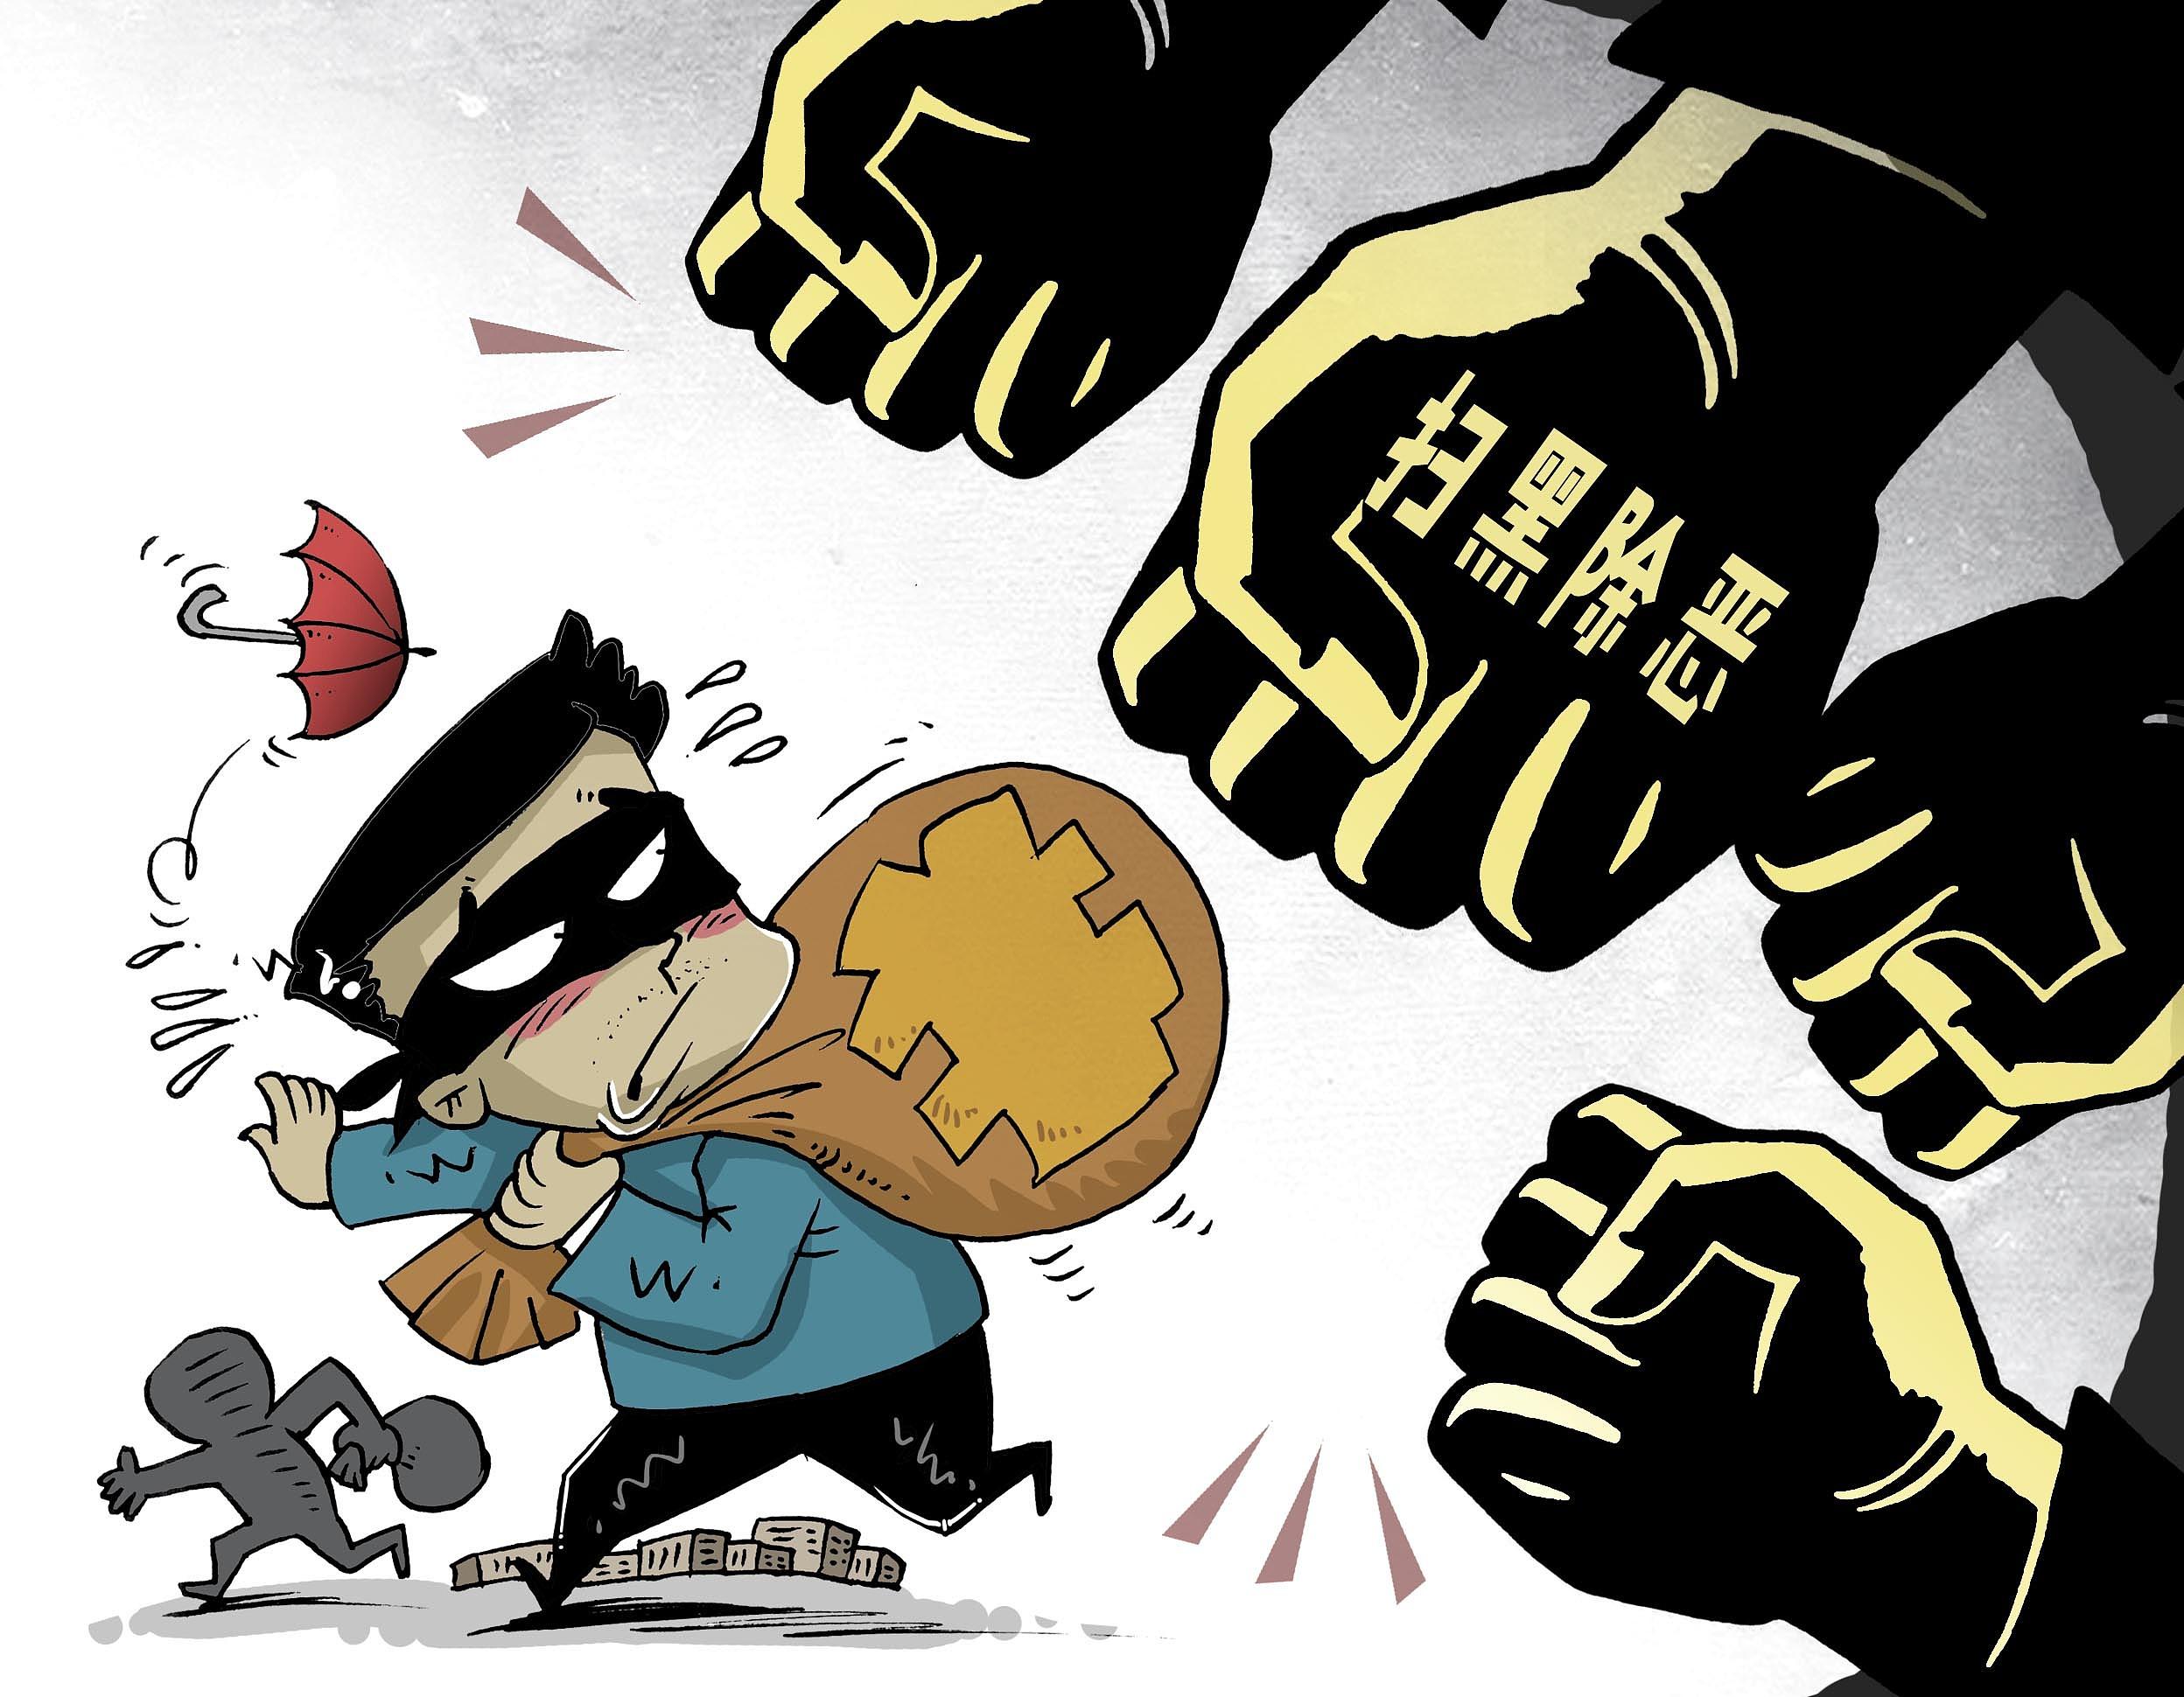 【扫黑除恶中央督导在河北】石家庄市藁城区:对基层干部进行扫黑除恶专项斗争提醒谈话